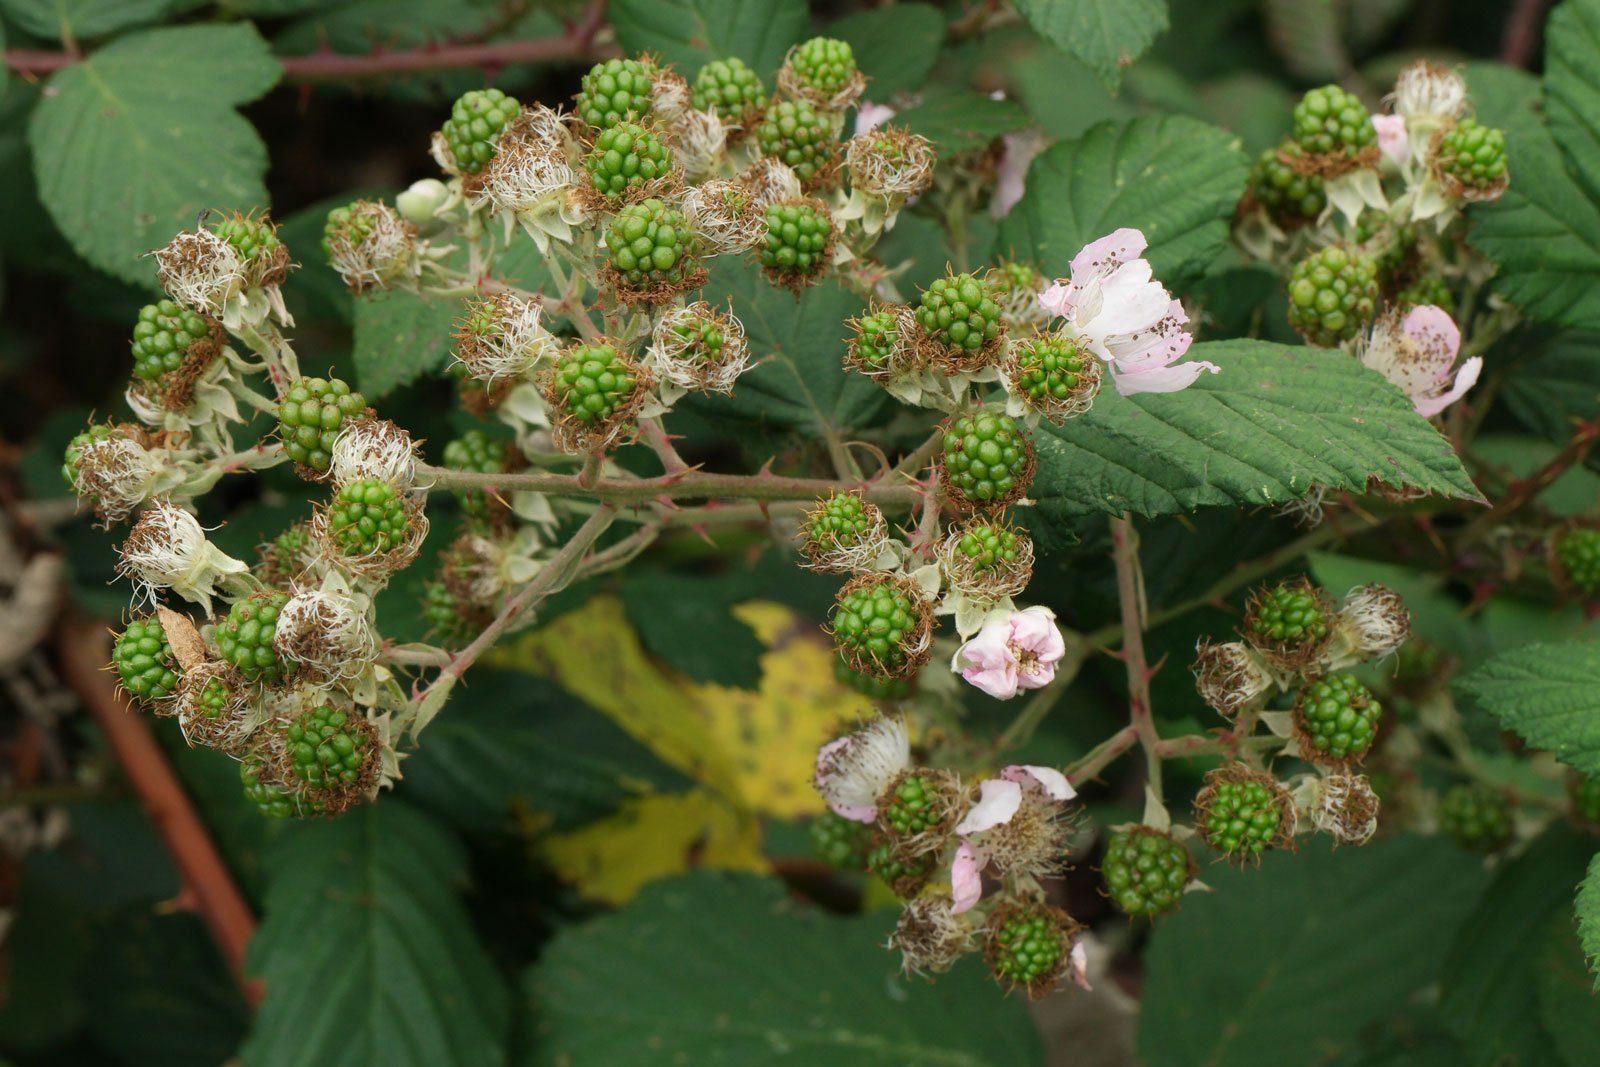 unripe Blackberries